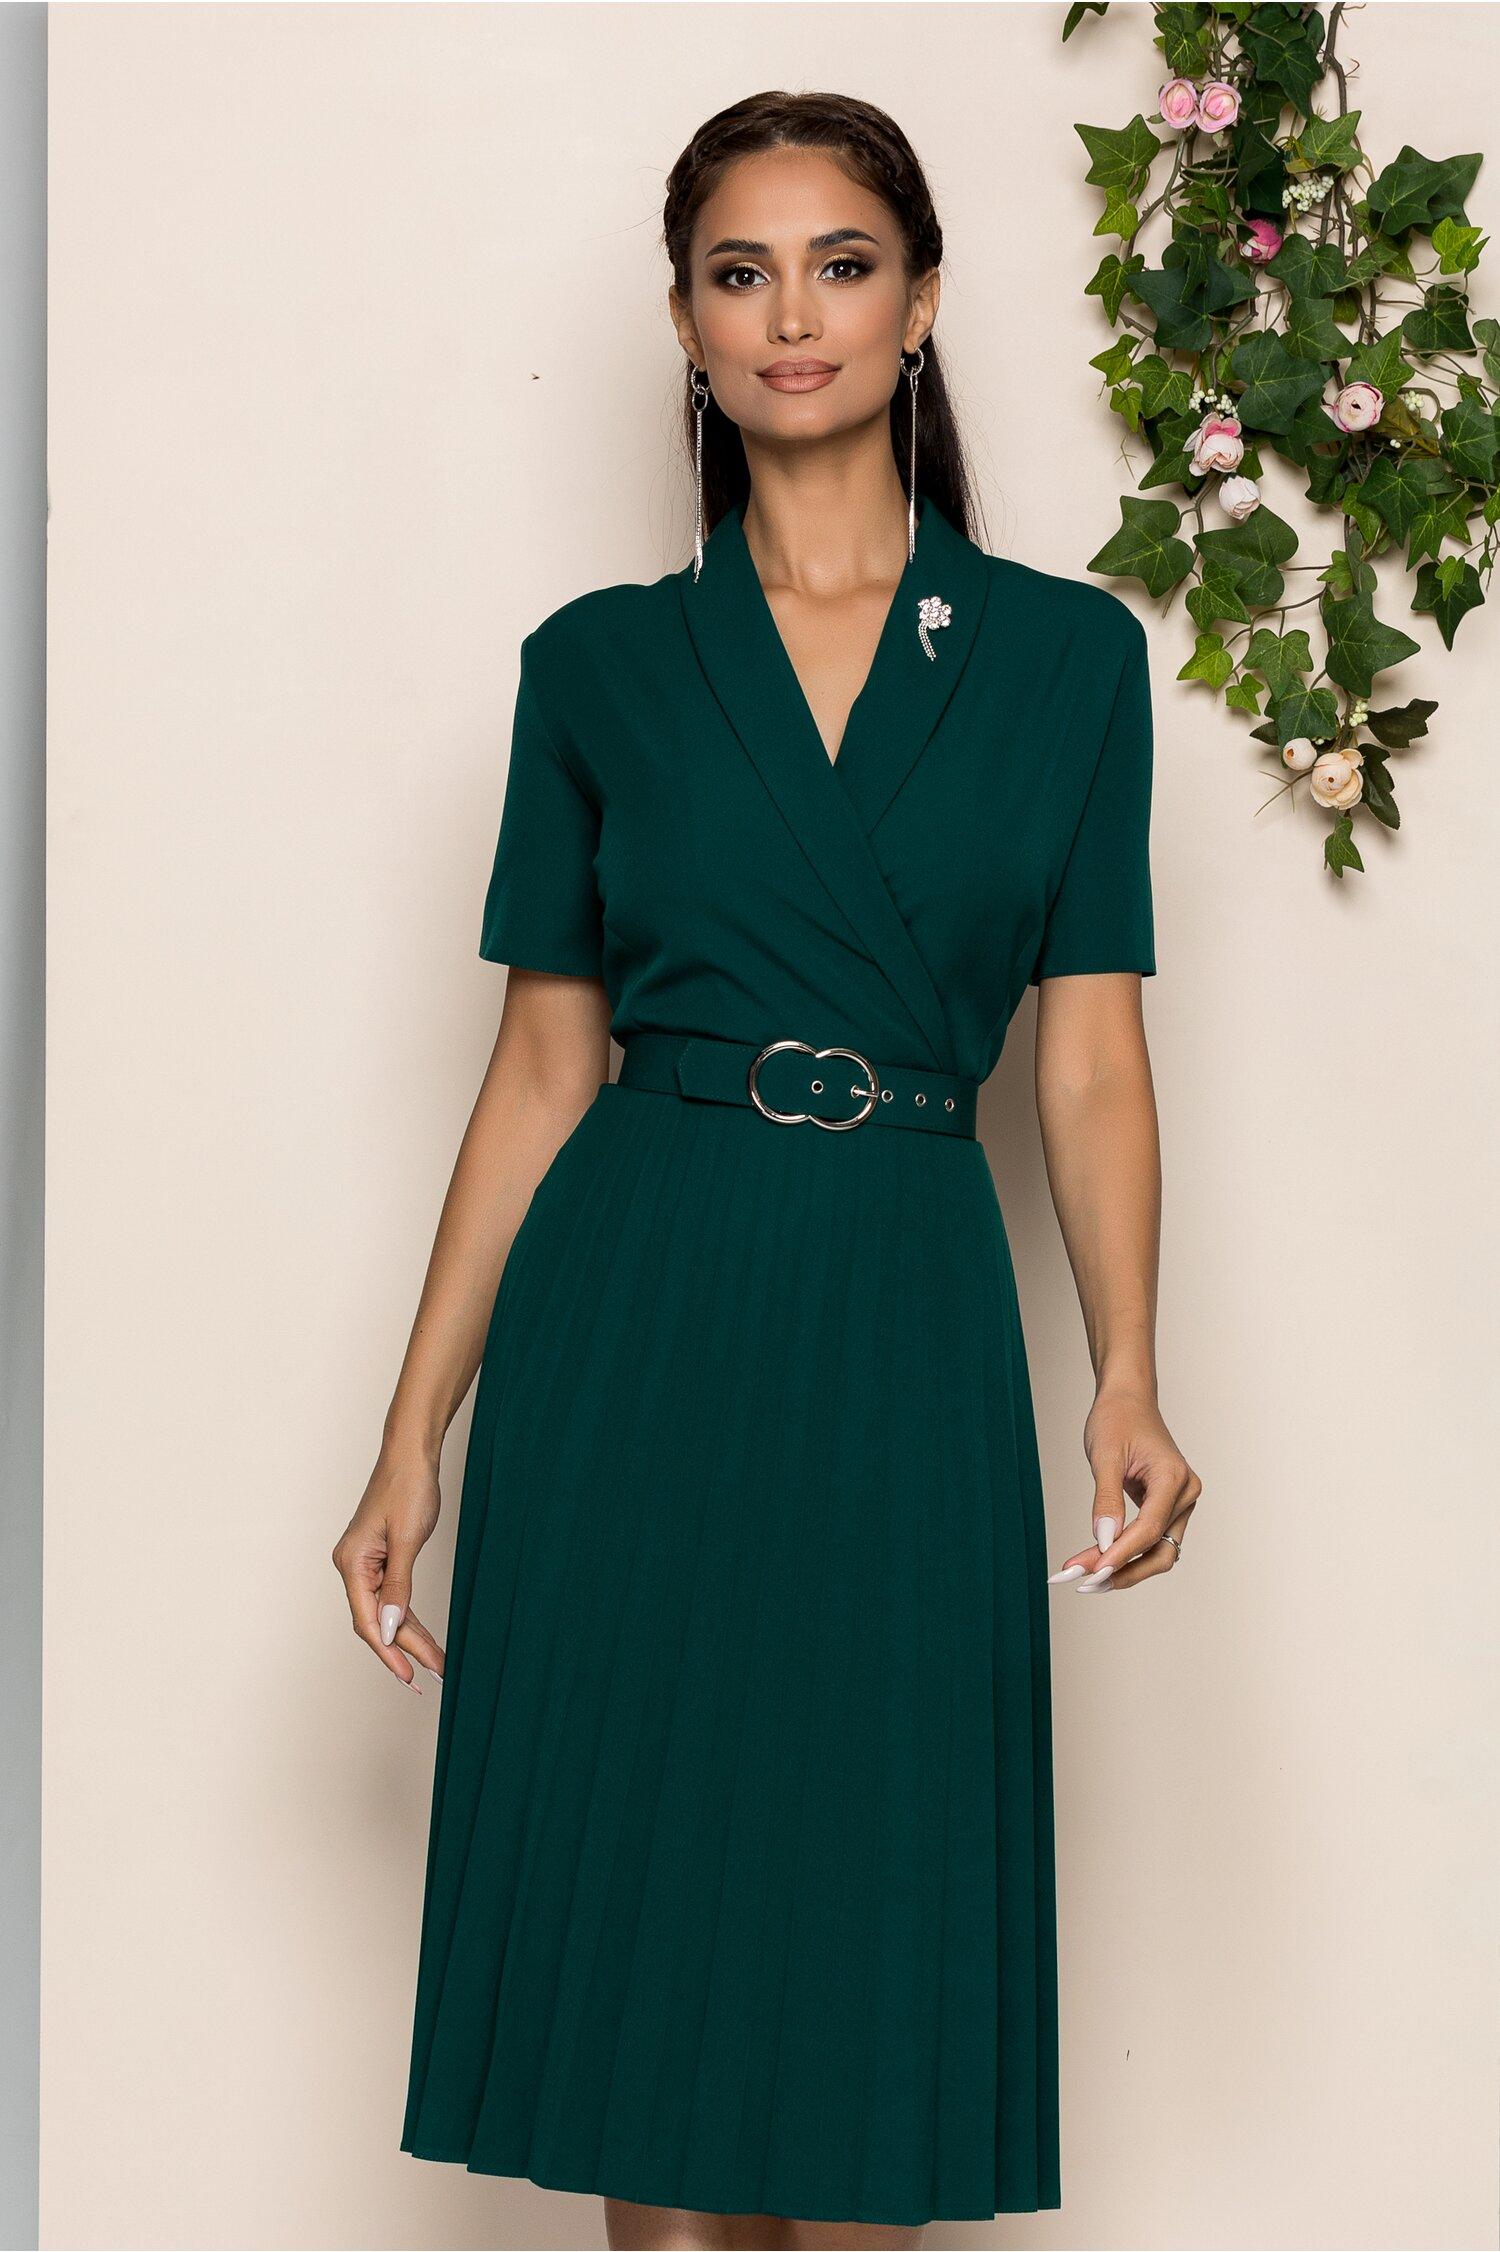 Rochie Damaris verde cu decolteu in v petrecut si pliuri pe fusta